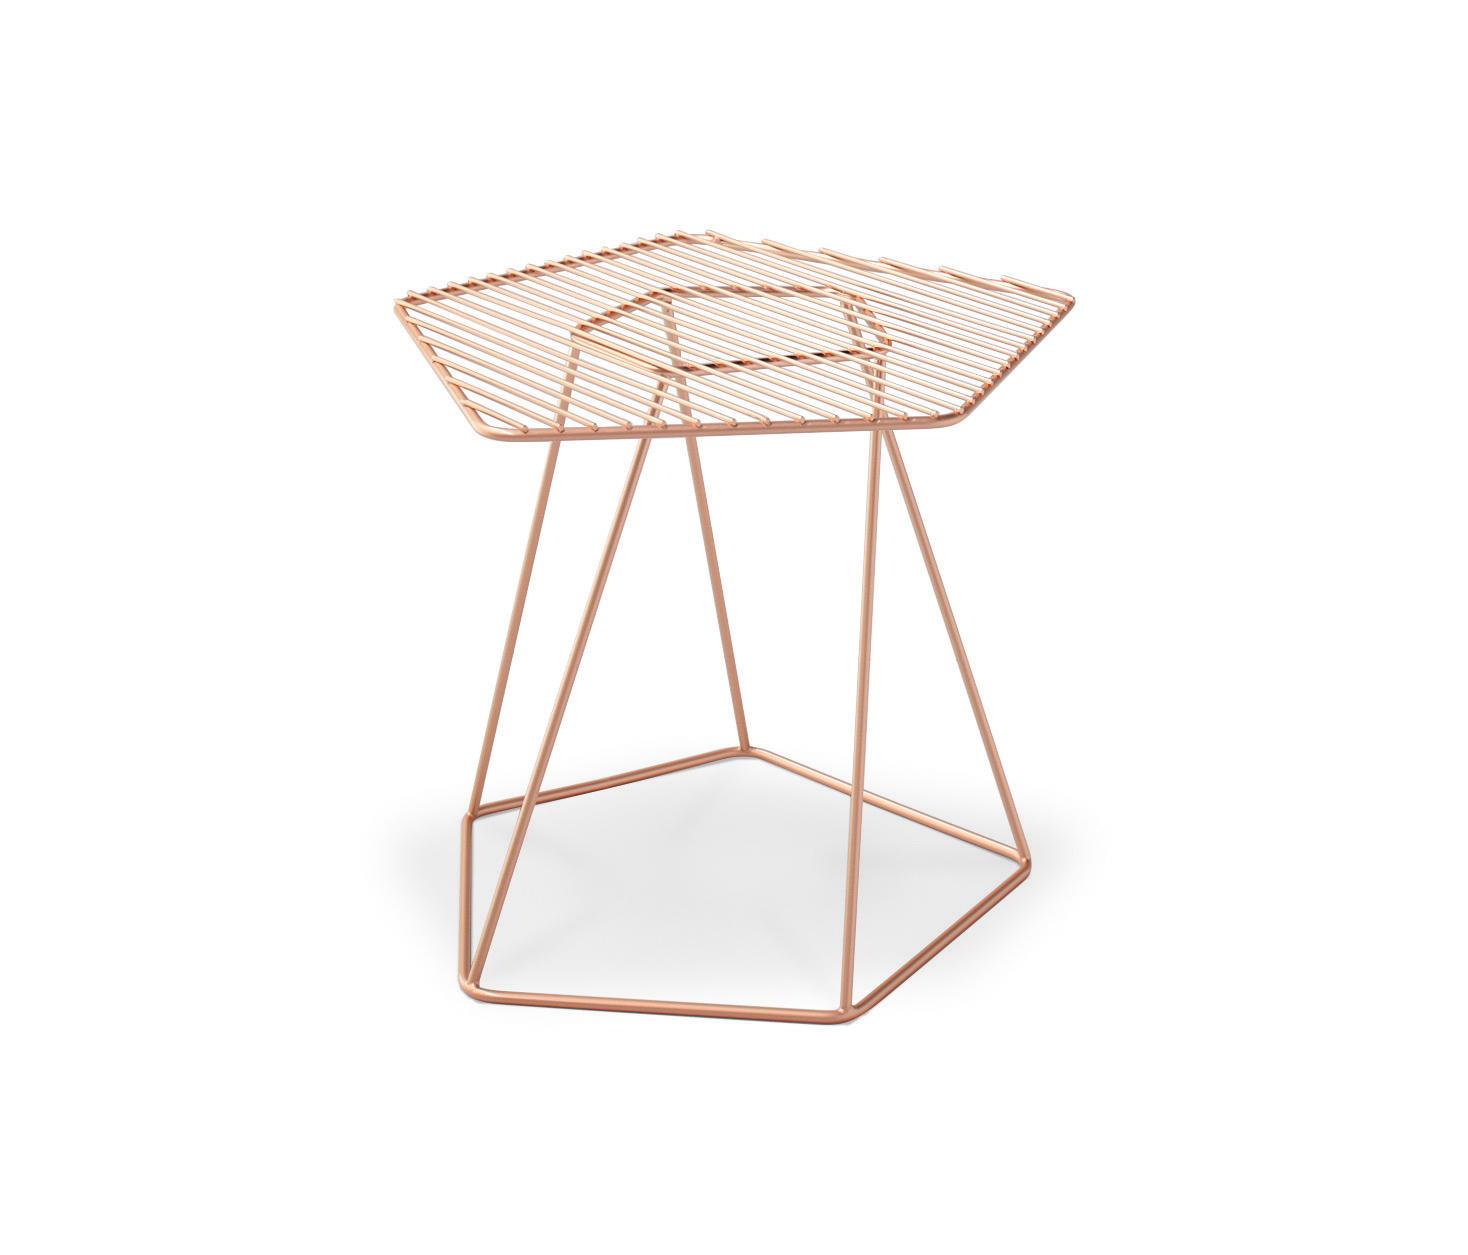 Bonaldo Кавовий стіл  Tectonic від італійського бренду Bonaldo